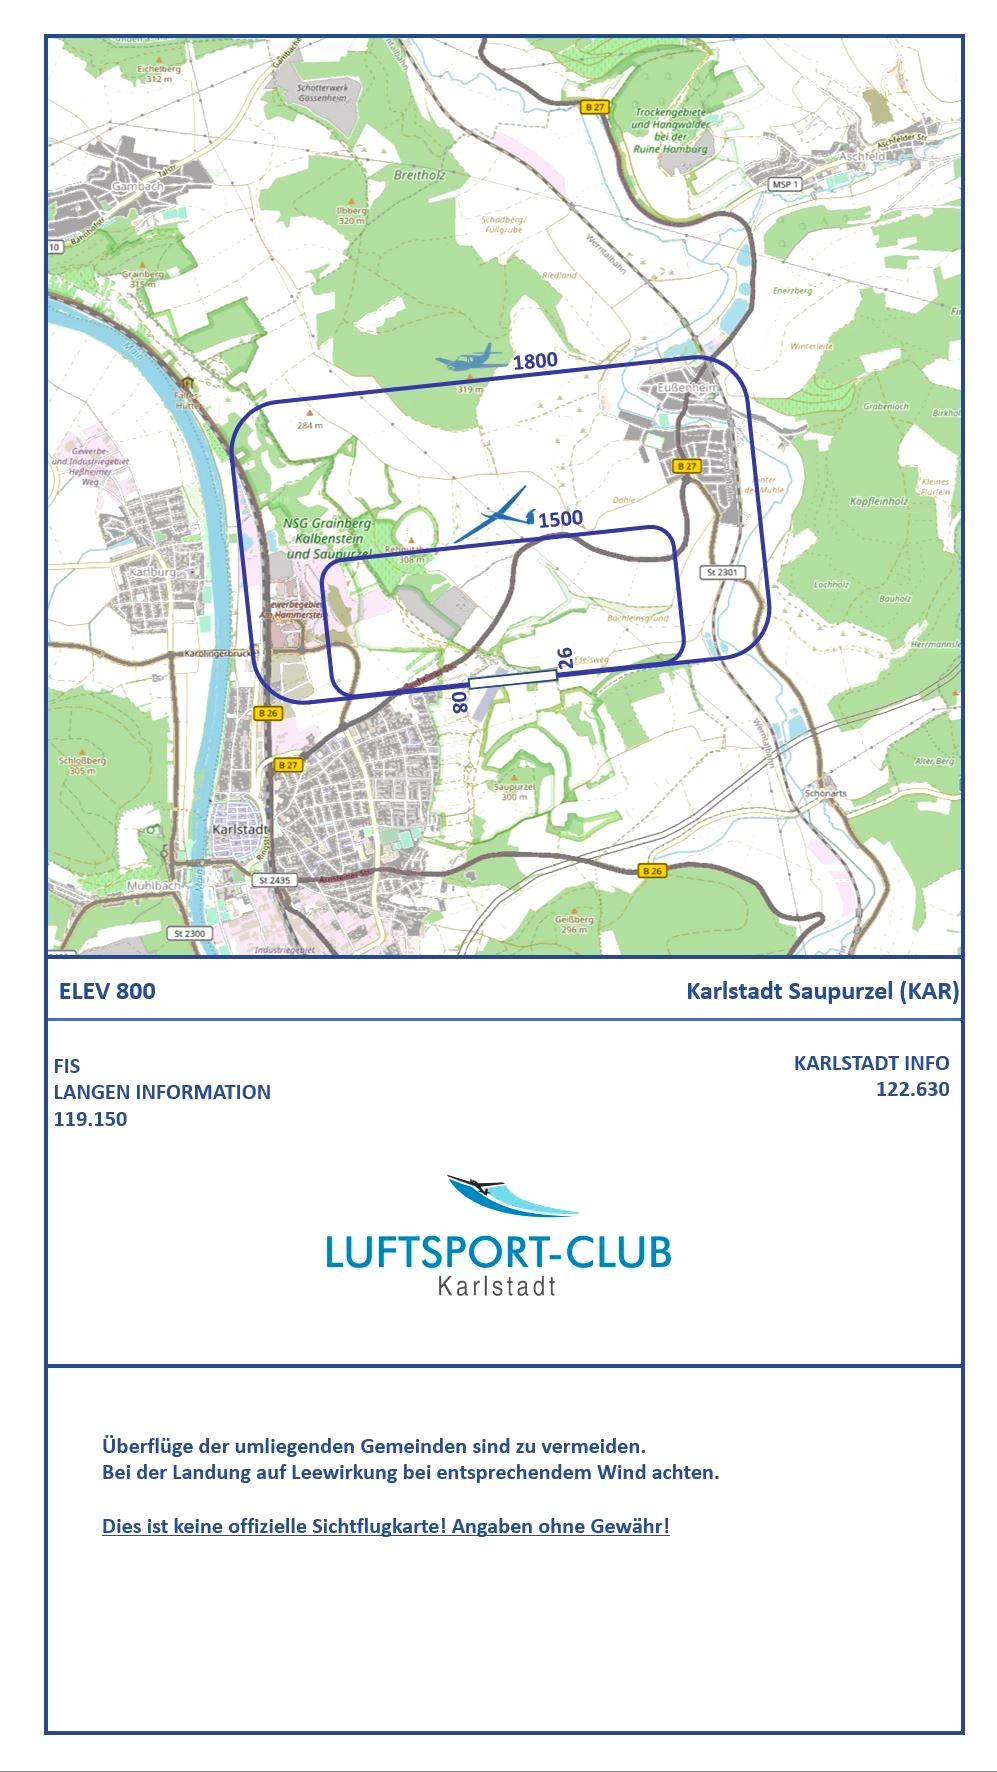 Airfield Karlstadt-Saupurzel (EDKS)